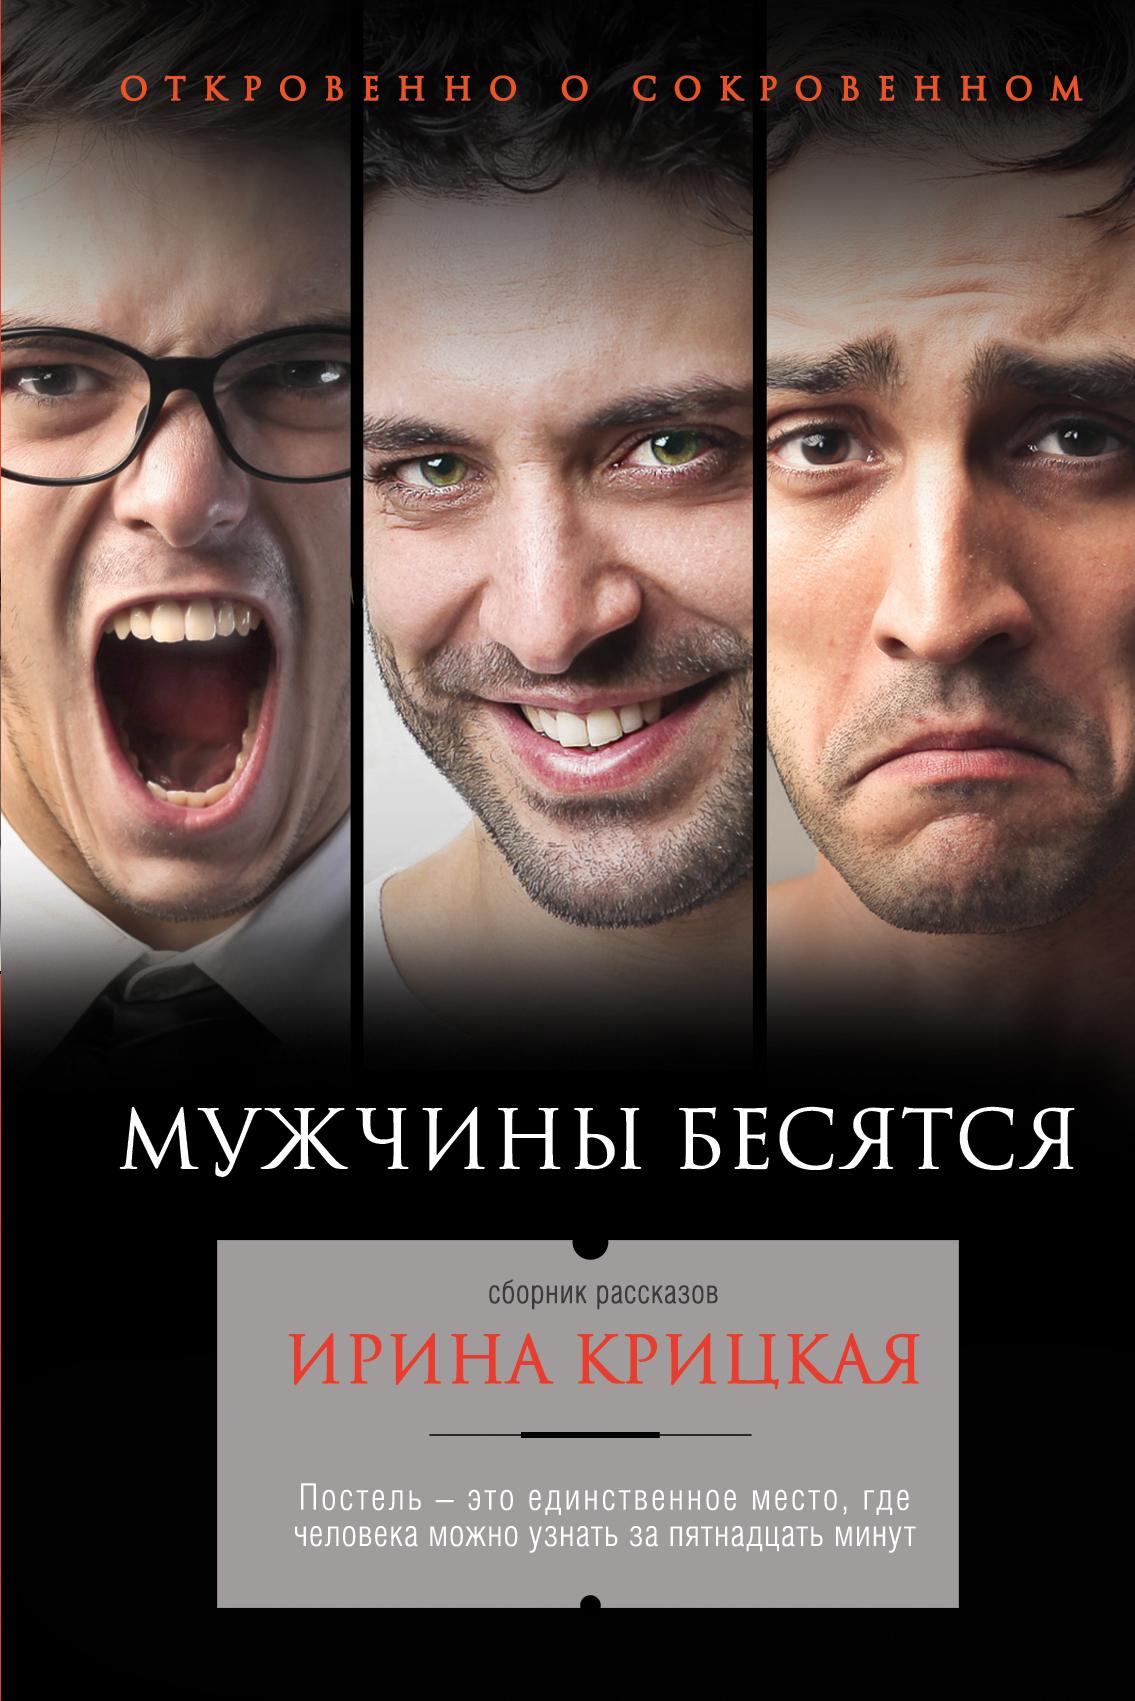 Ирина Крицкая Мужчины бесятся (сборник) ирина крицкая истеричка сборник